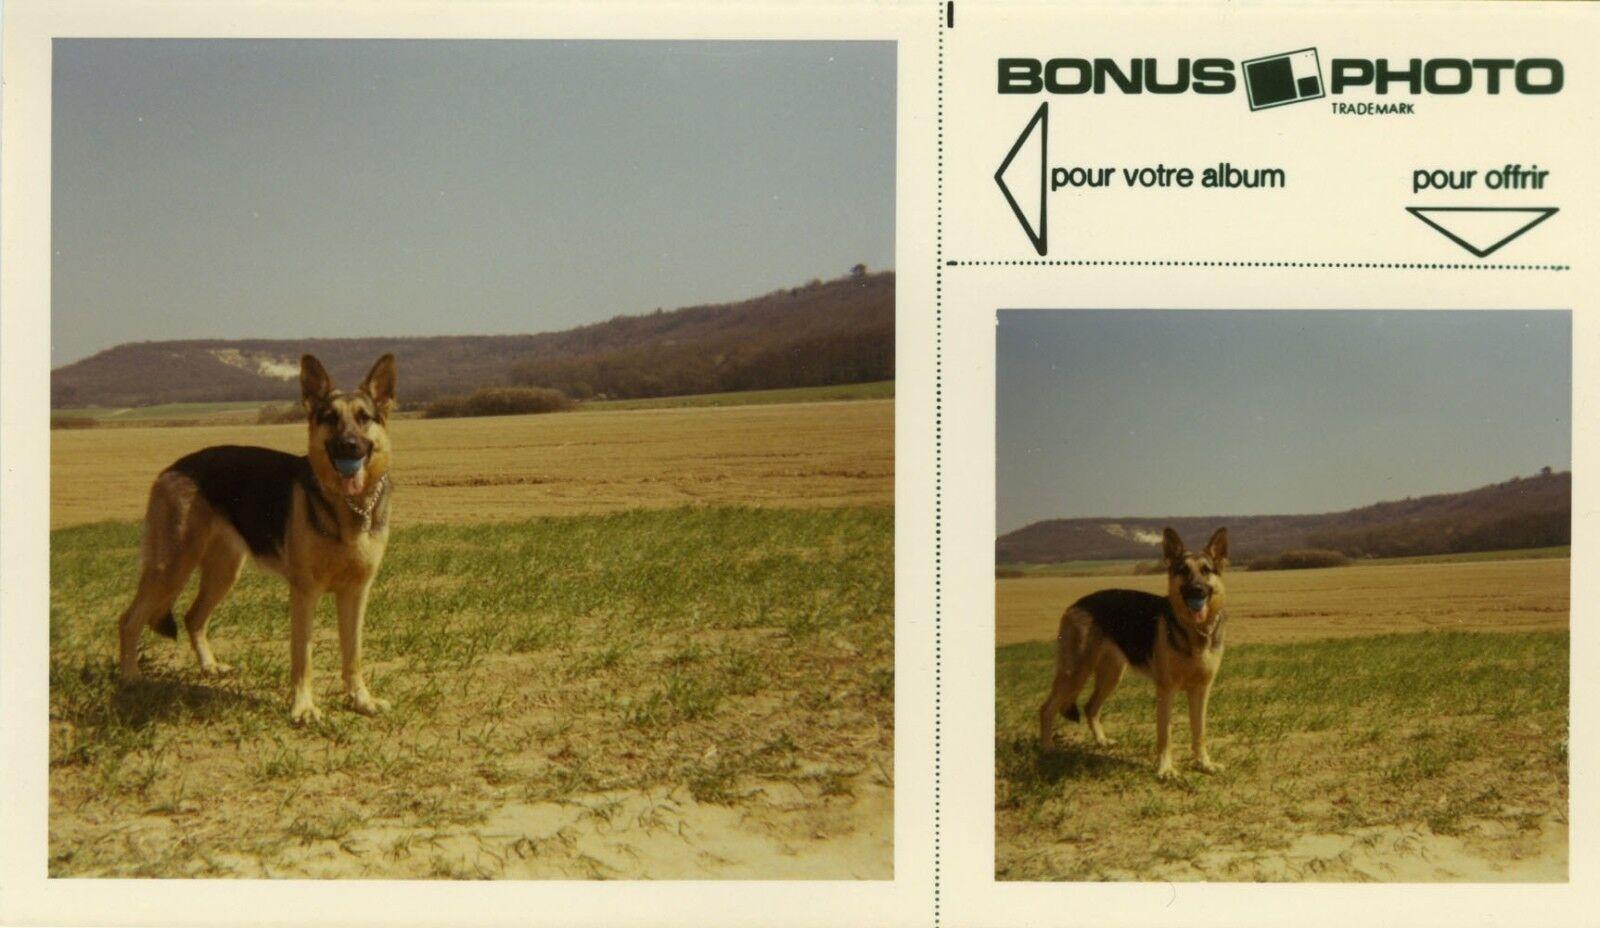 Photo ancienne - vintage snapshot - animal chien berger allemand bonus - dog 10